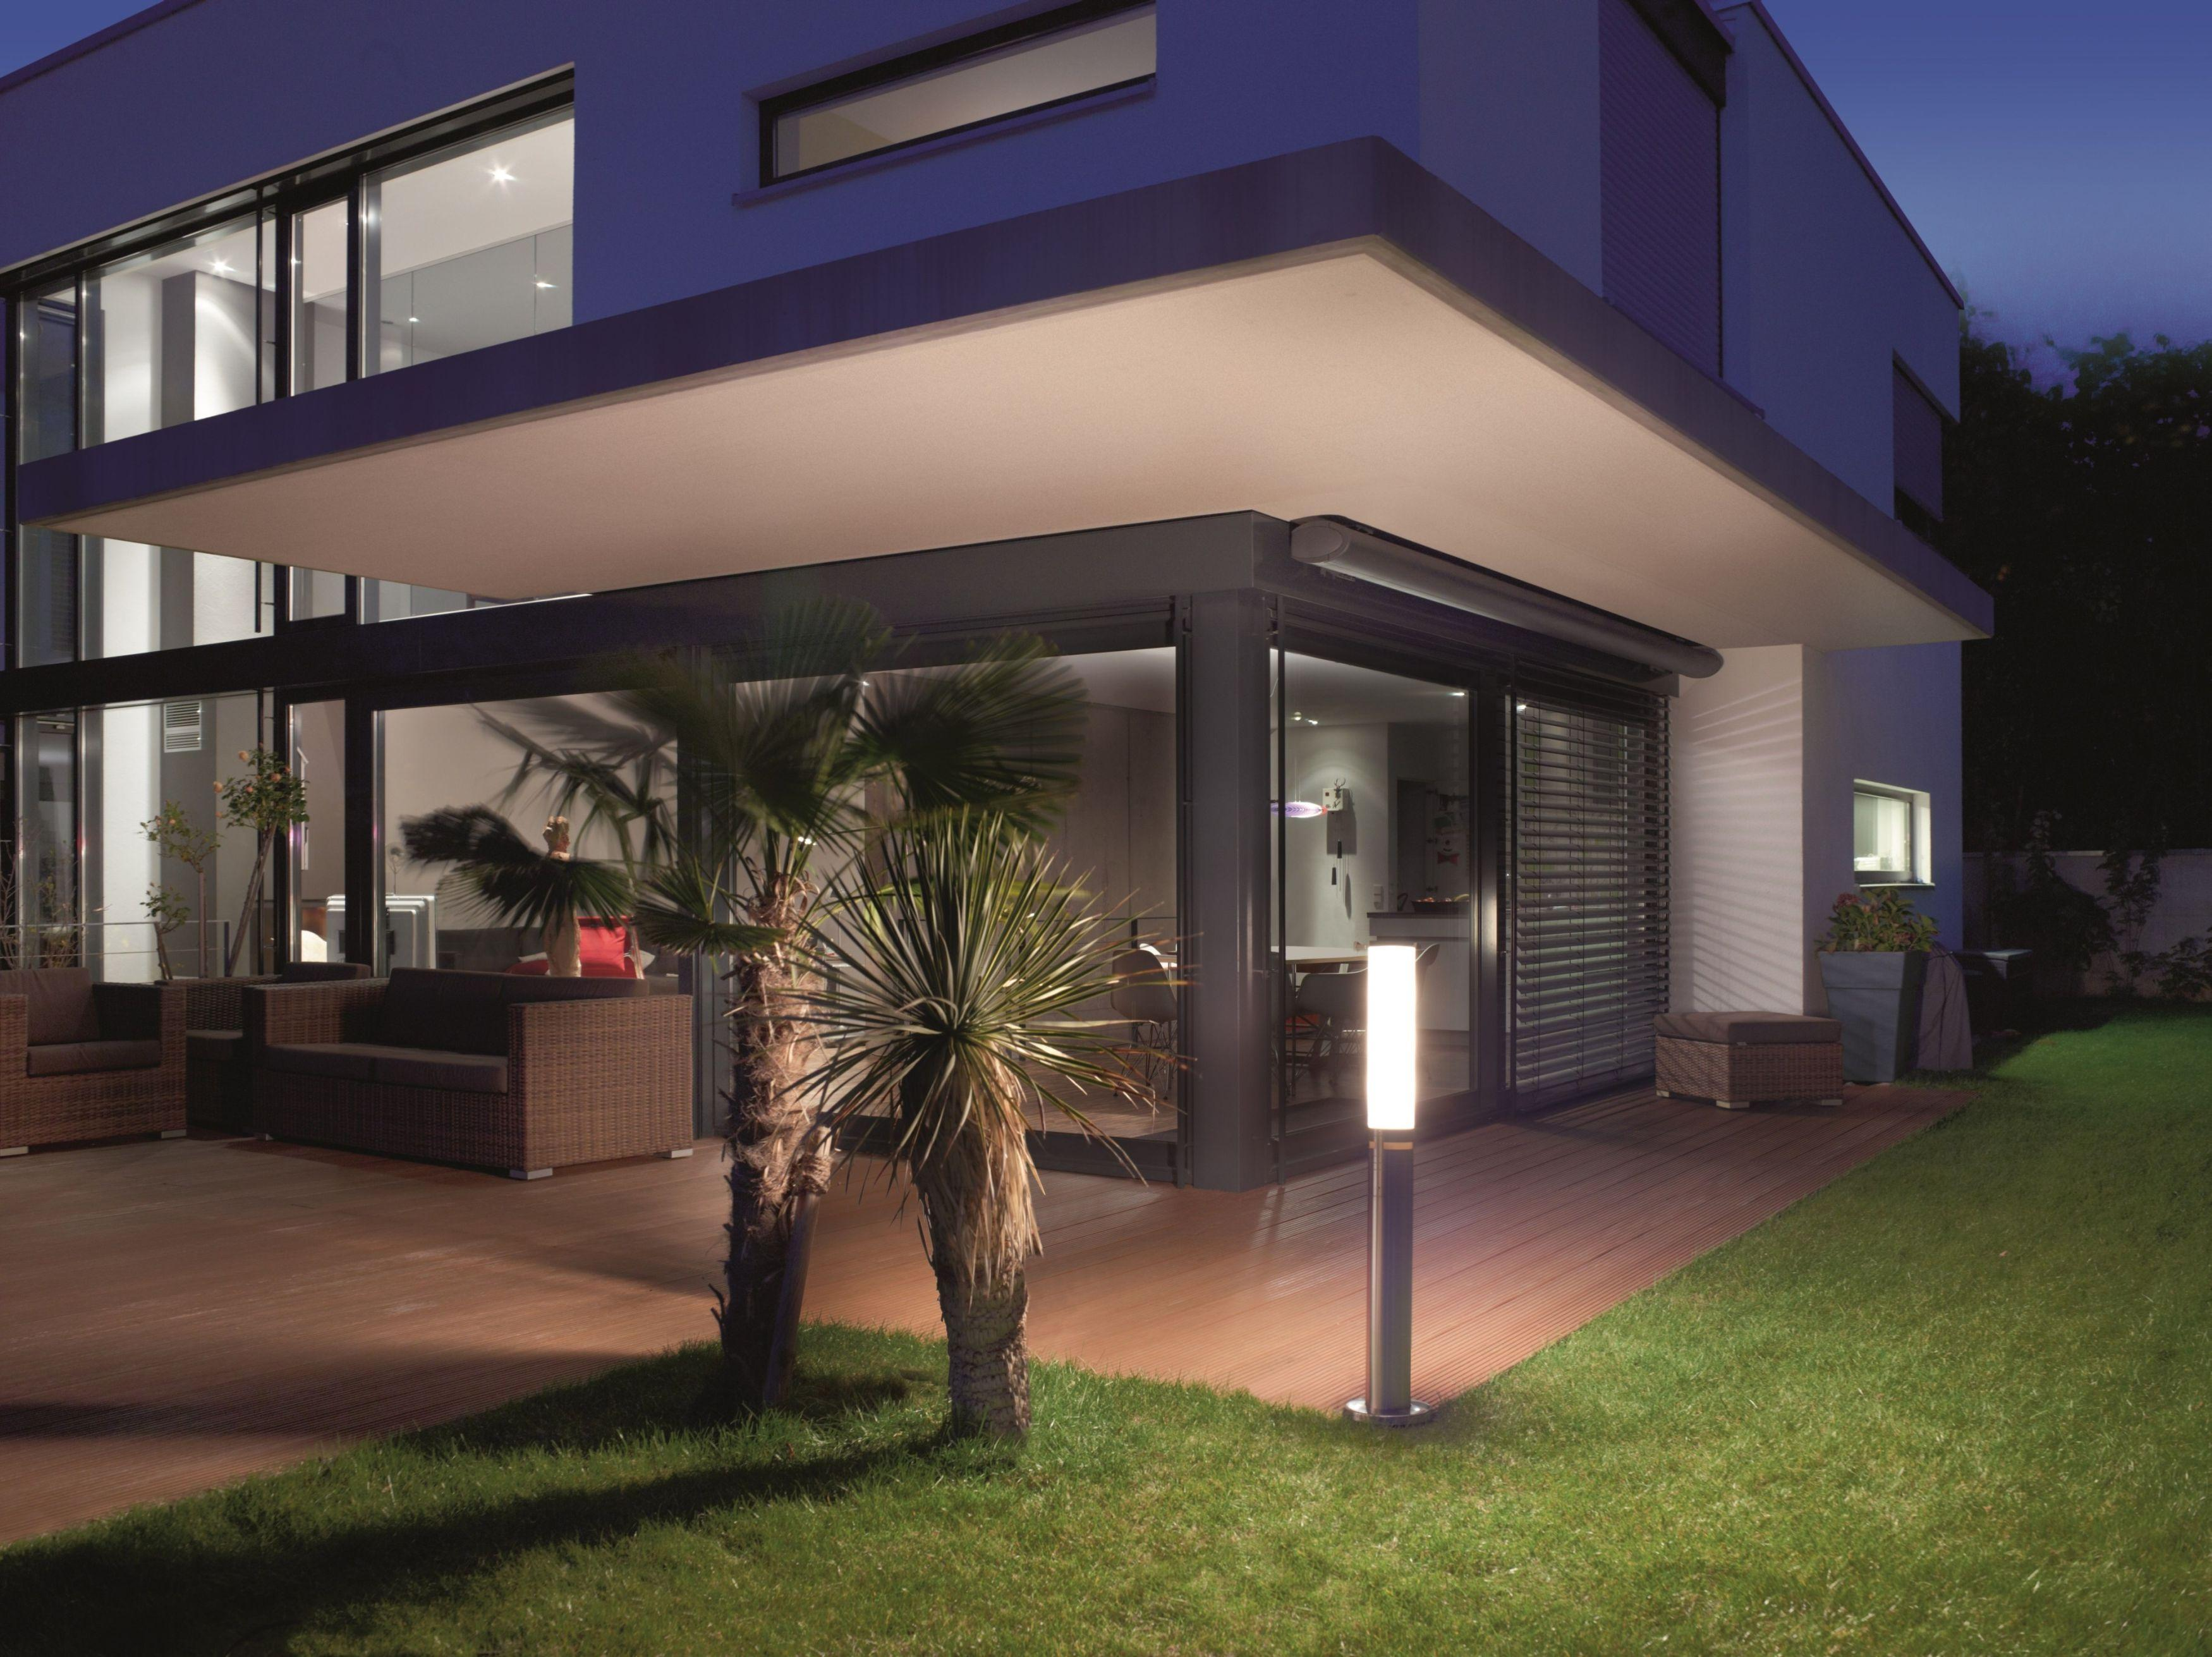 Steinel gl 60 led eclairage pour chemins avec d tecteur - Borne d eclairage exterieure avec detecteur ...